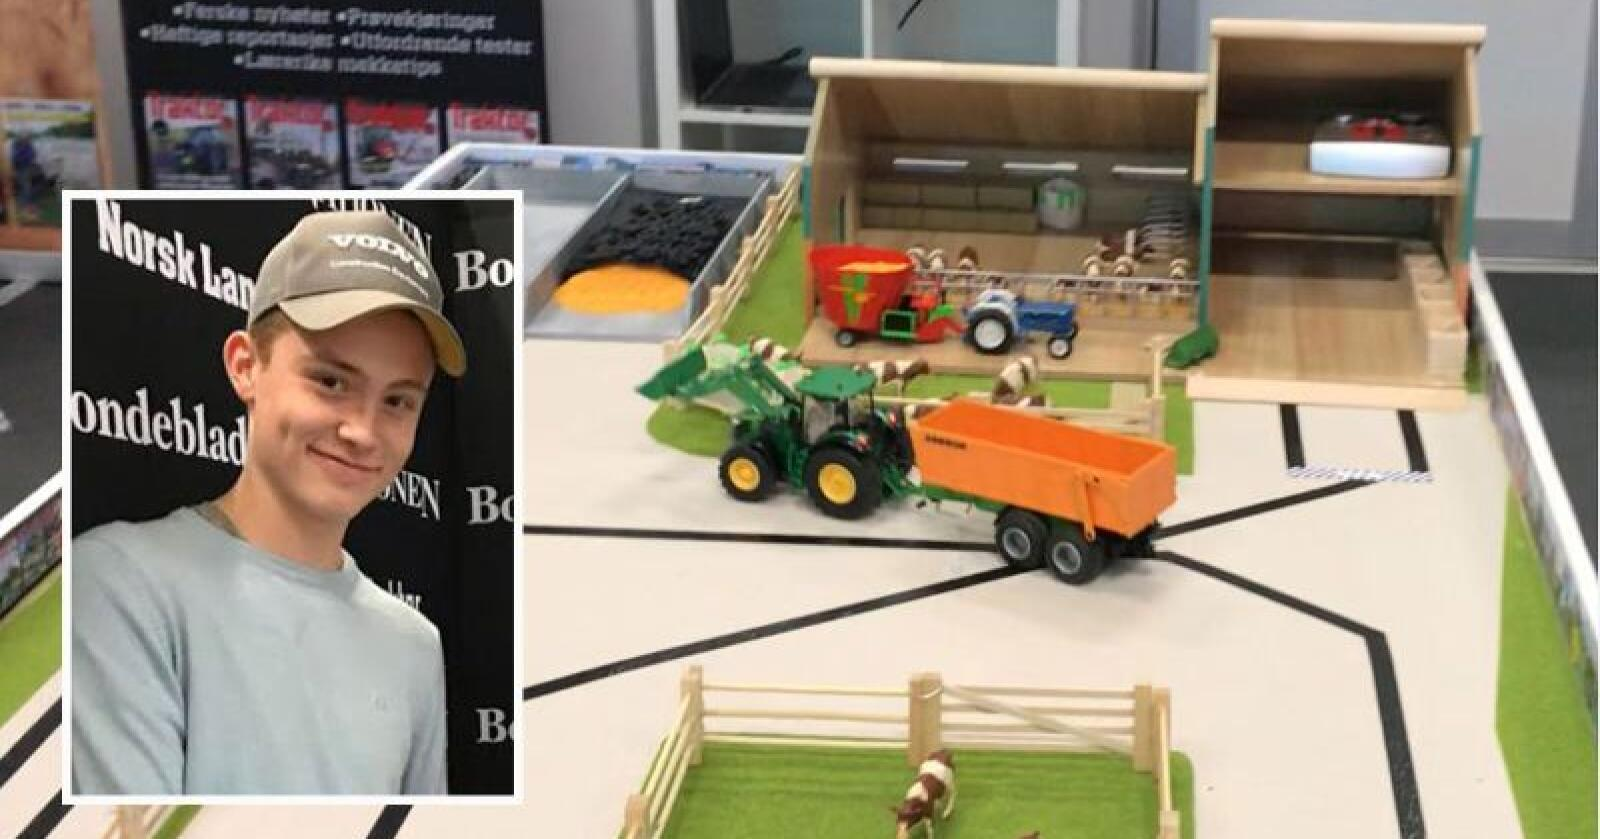 Populært: Over tusen personer konkurrerte om å kjøre raskest rundt vår traktorbane på Agroteknikk.  Seieren gikk til Martin Byberg (18) fra Hommersåk i Rogaland.